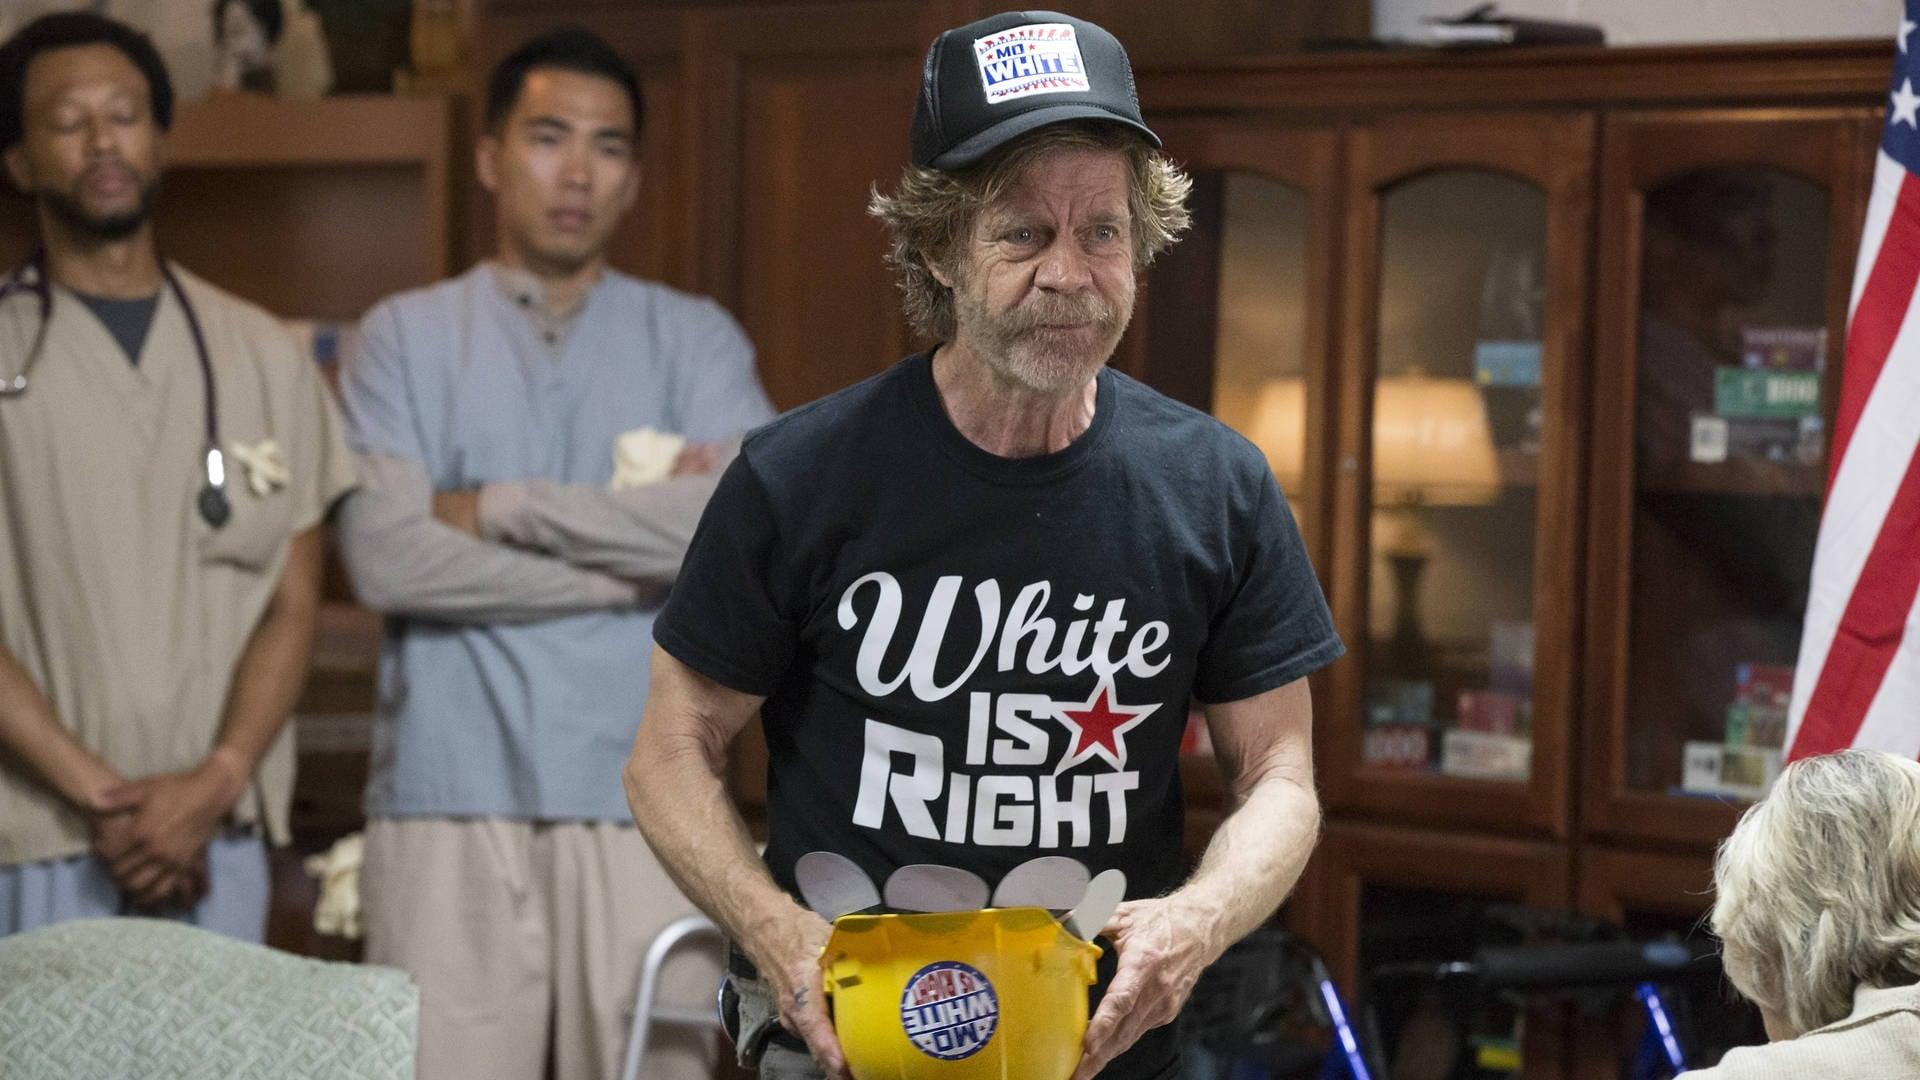 Se guay, vota a White